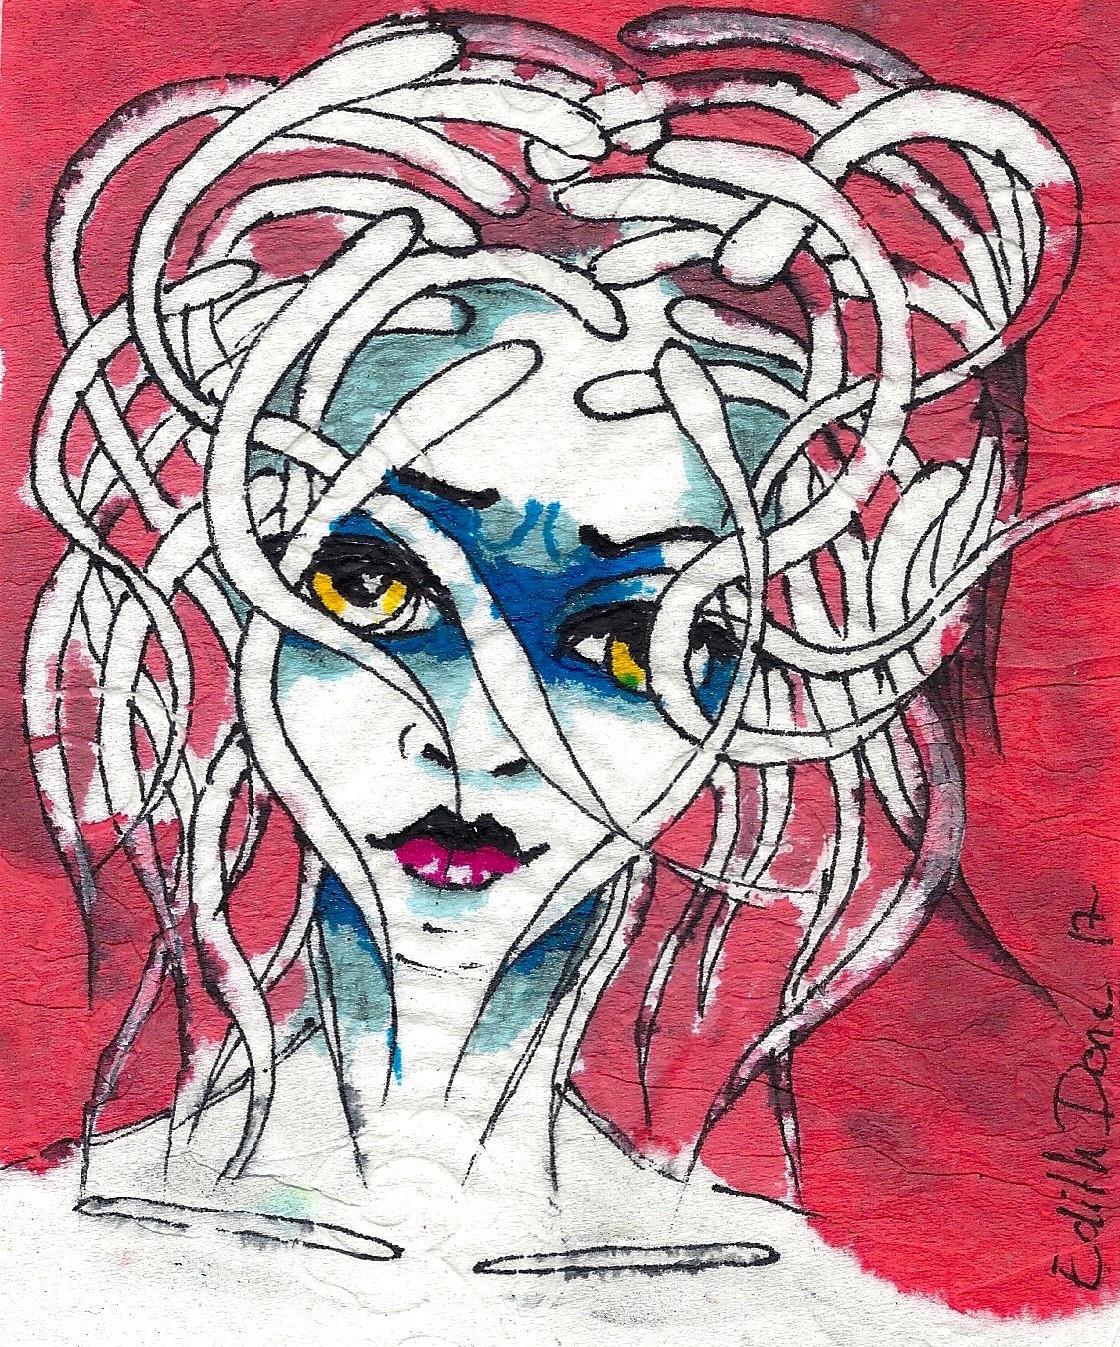 Edith Donc - Cheveux éléctrique